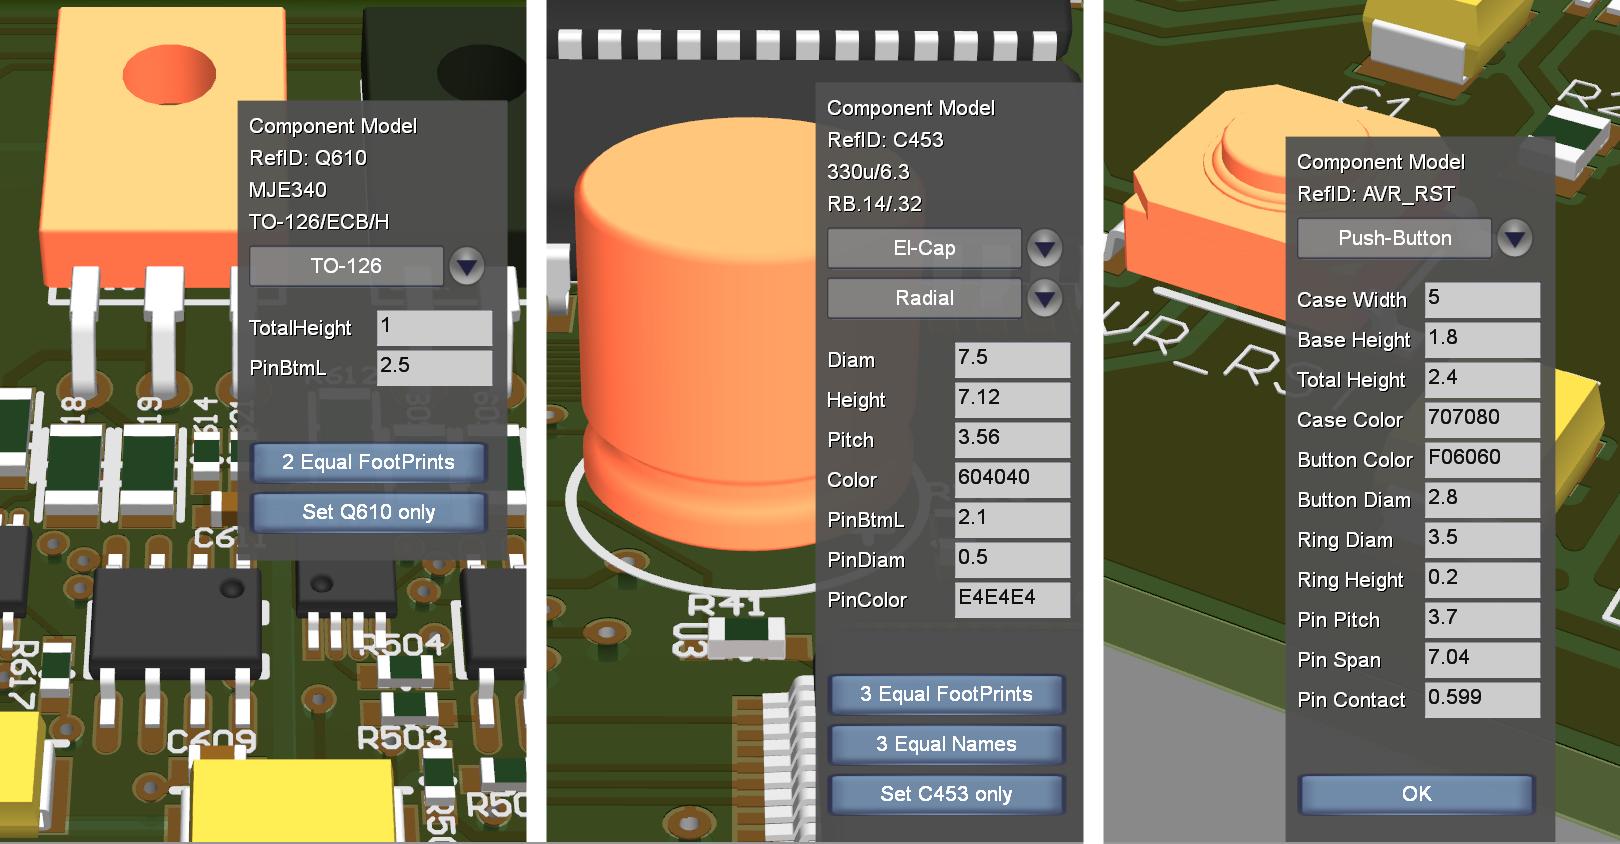 Adjusting Components via menu